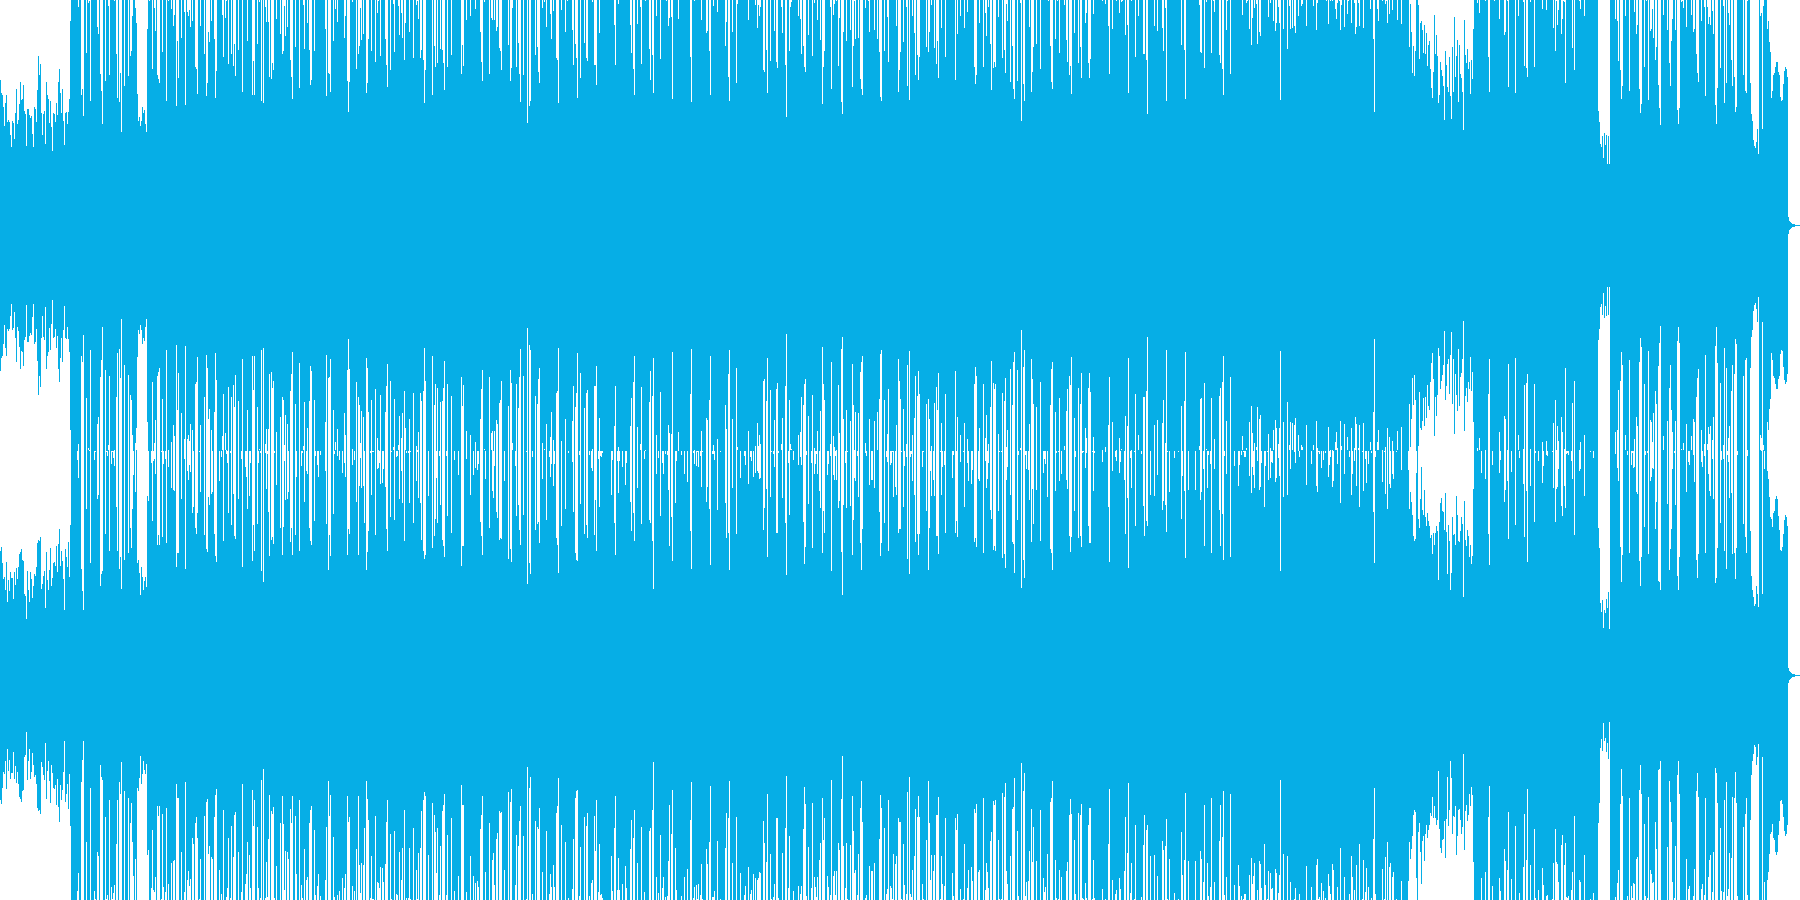 和風な雰囲気のR&Bポップバラードの再生済みの波形